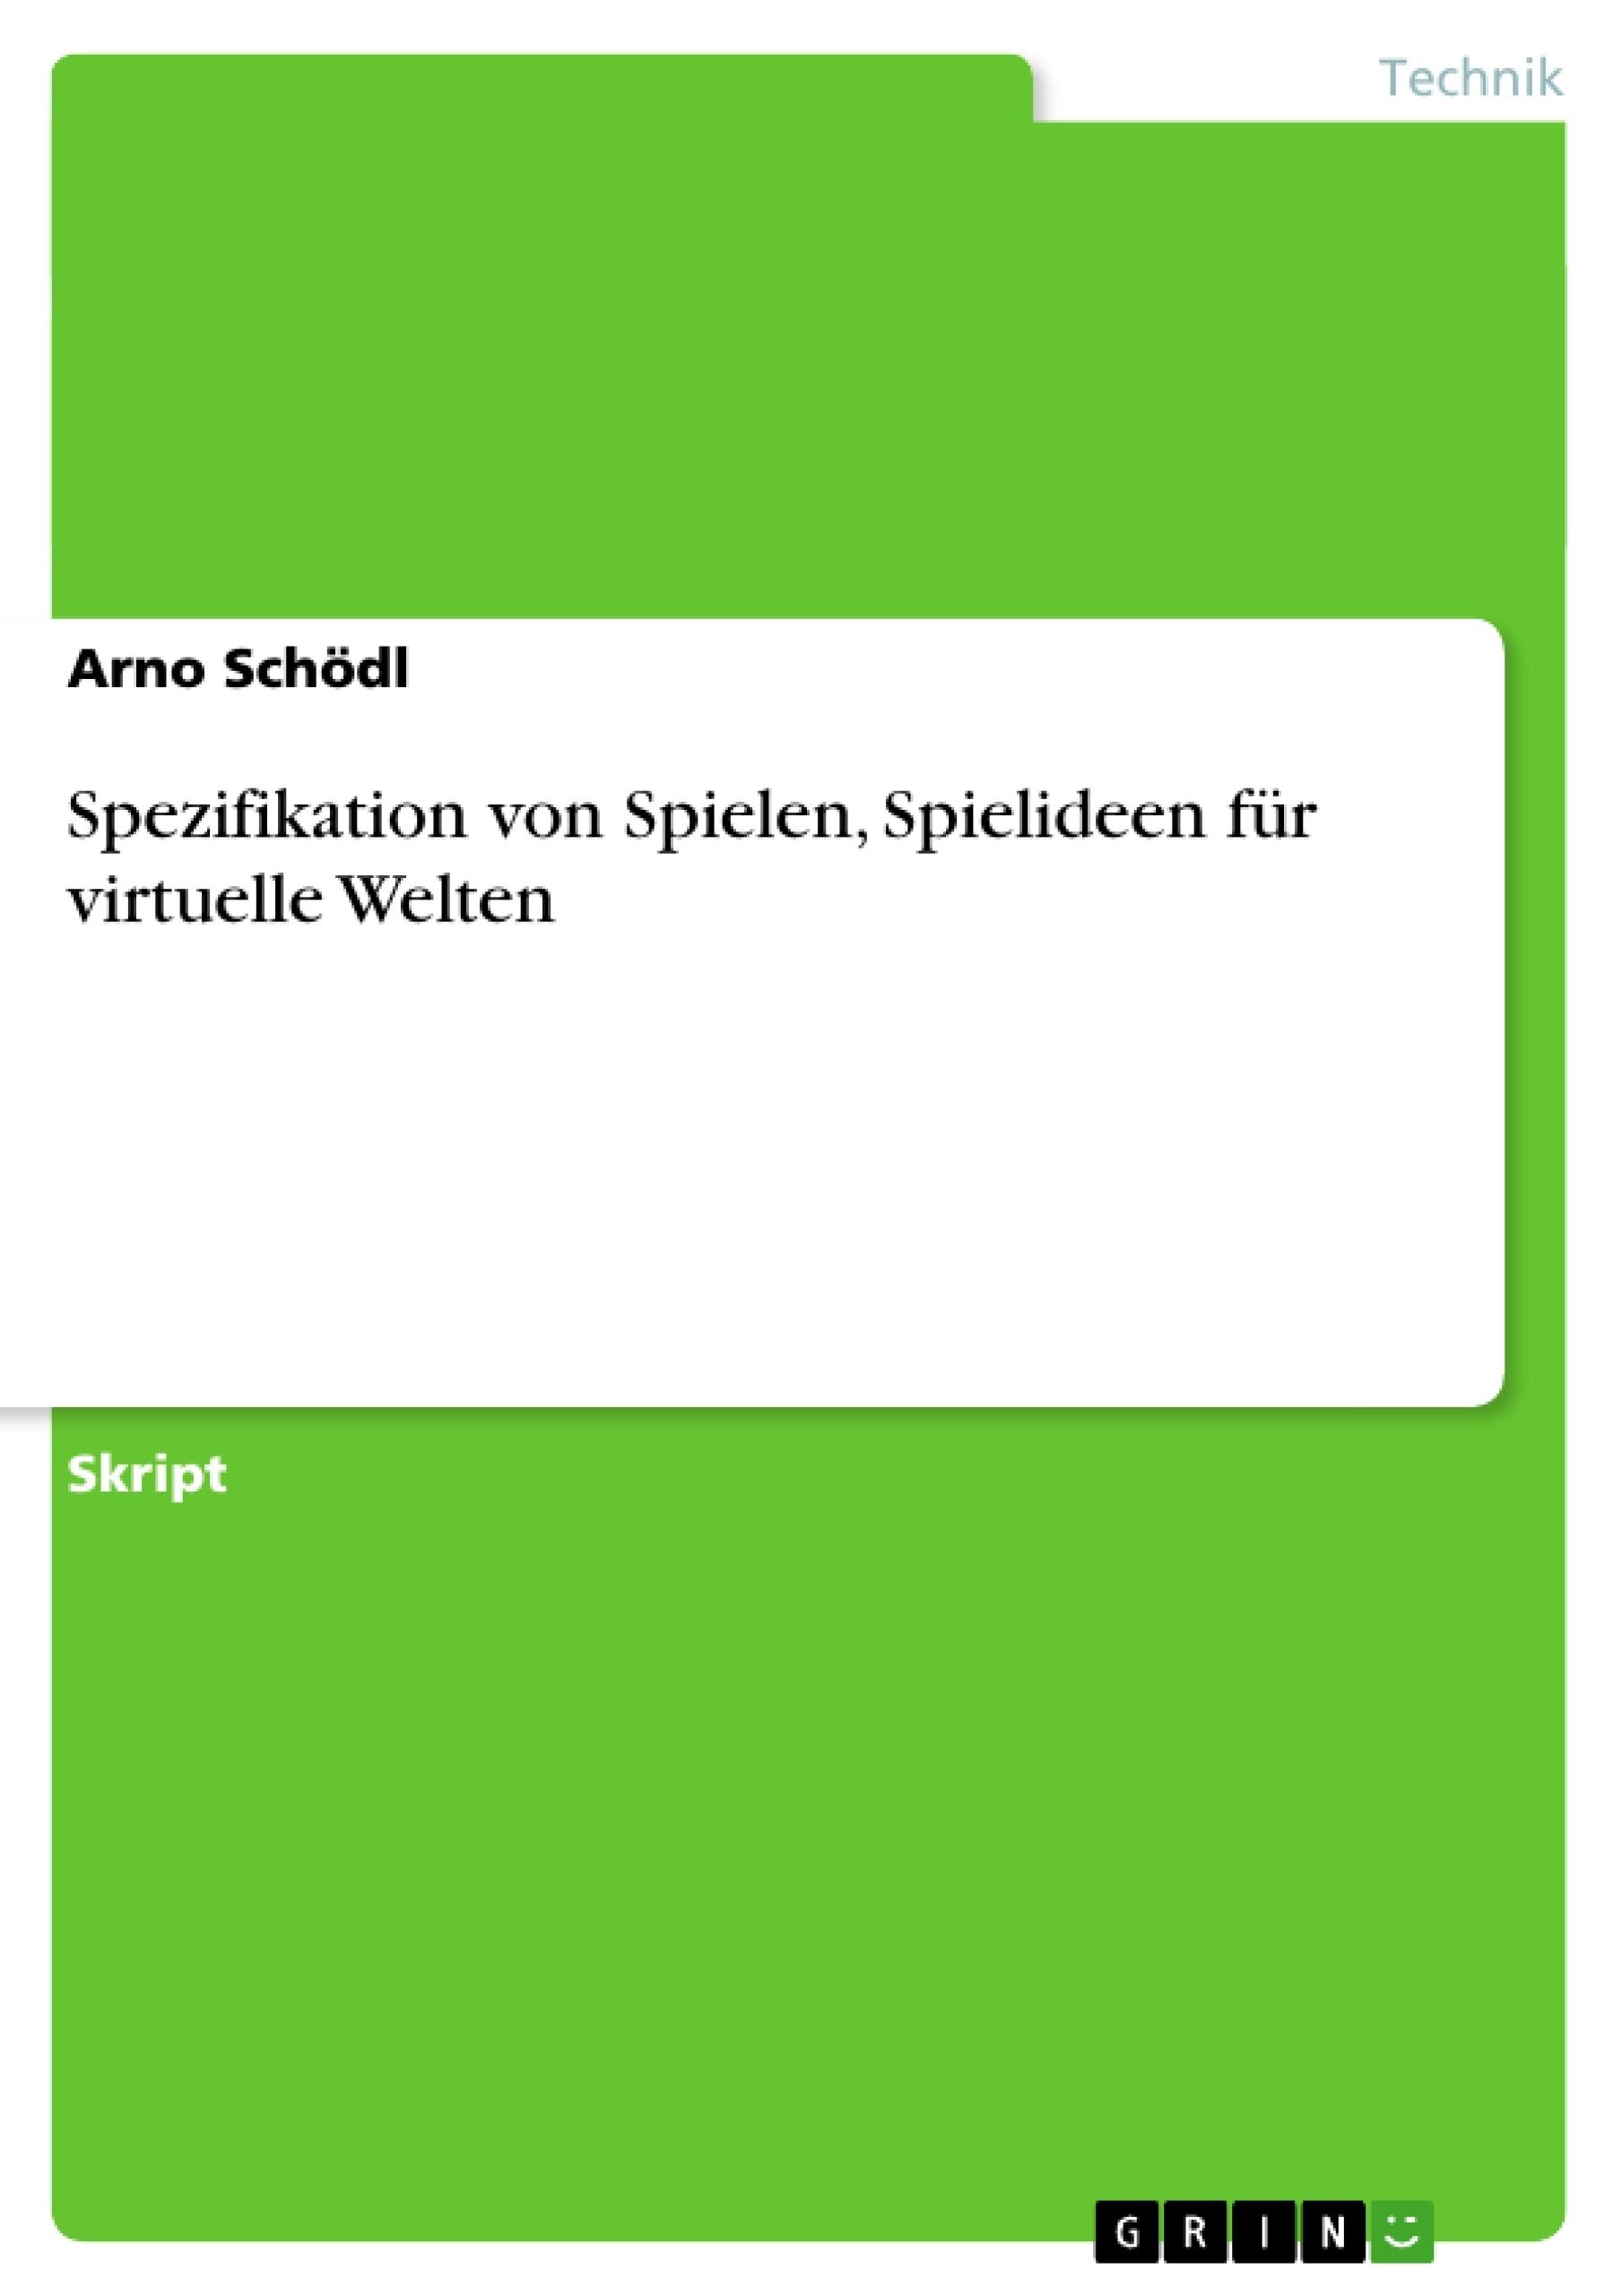 Titel: Spezifikation von Spielen, Spielideen für virtuelle Welten